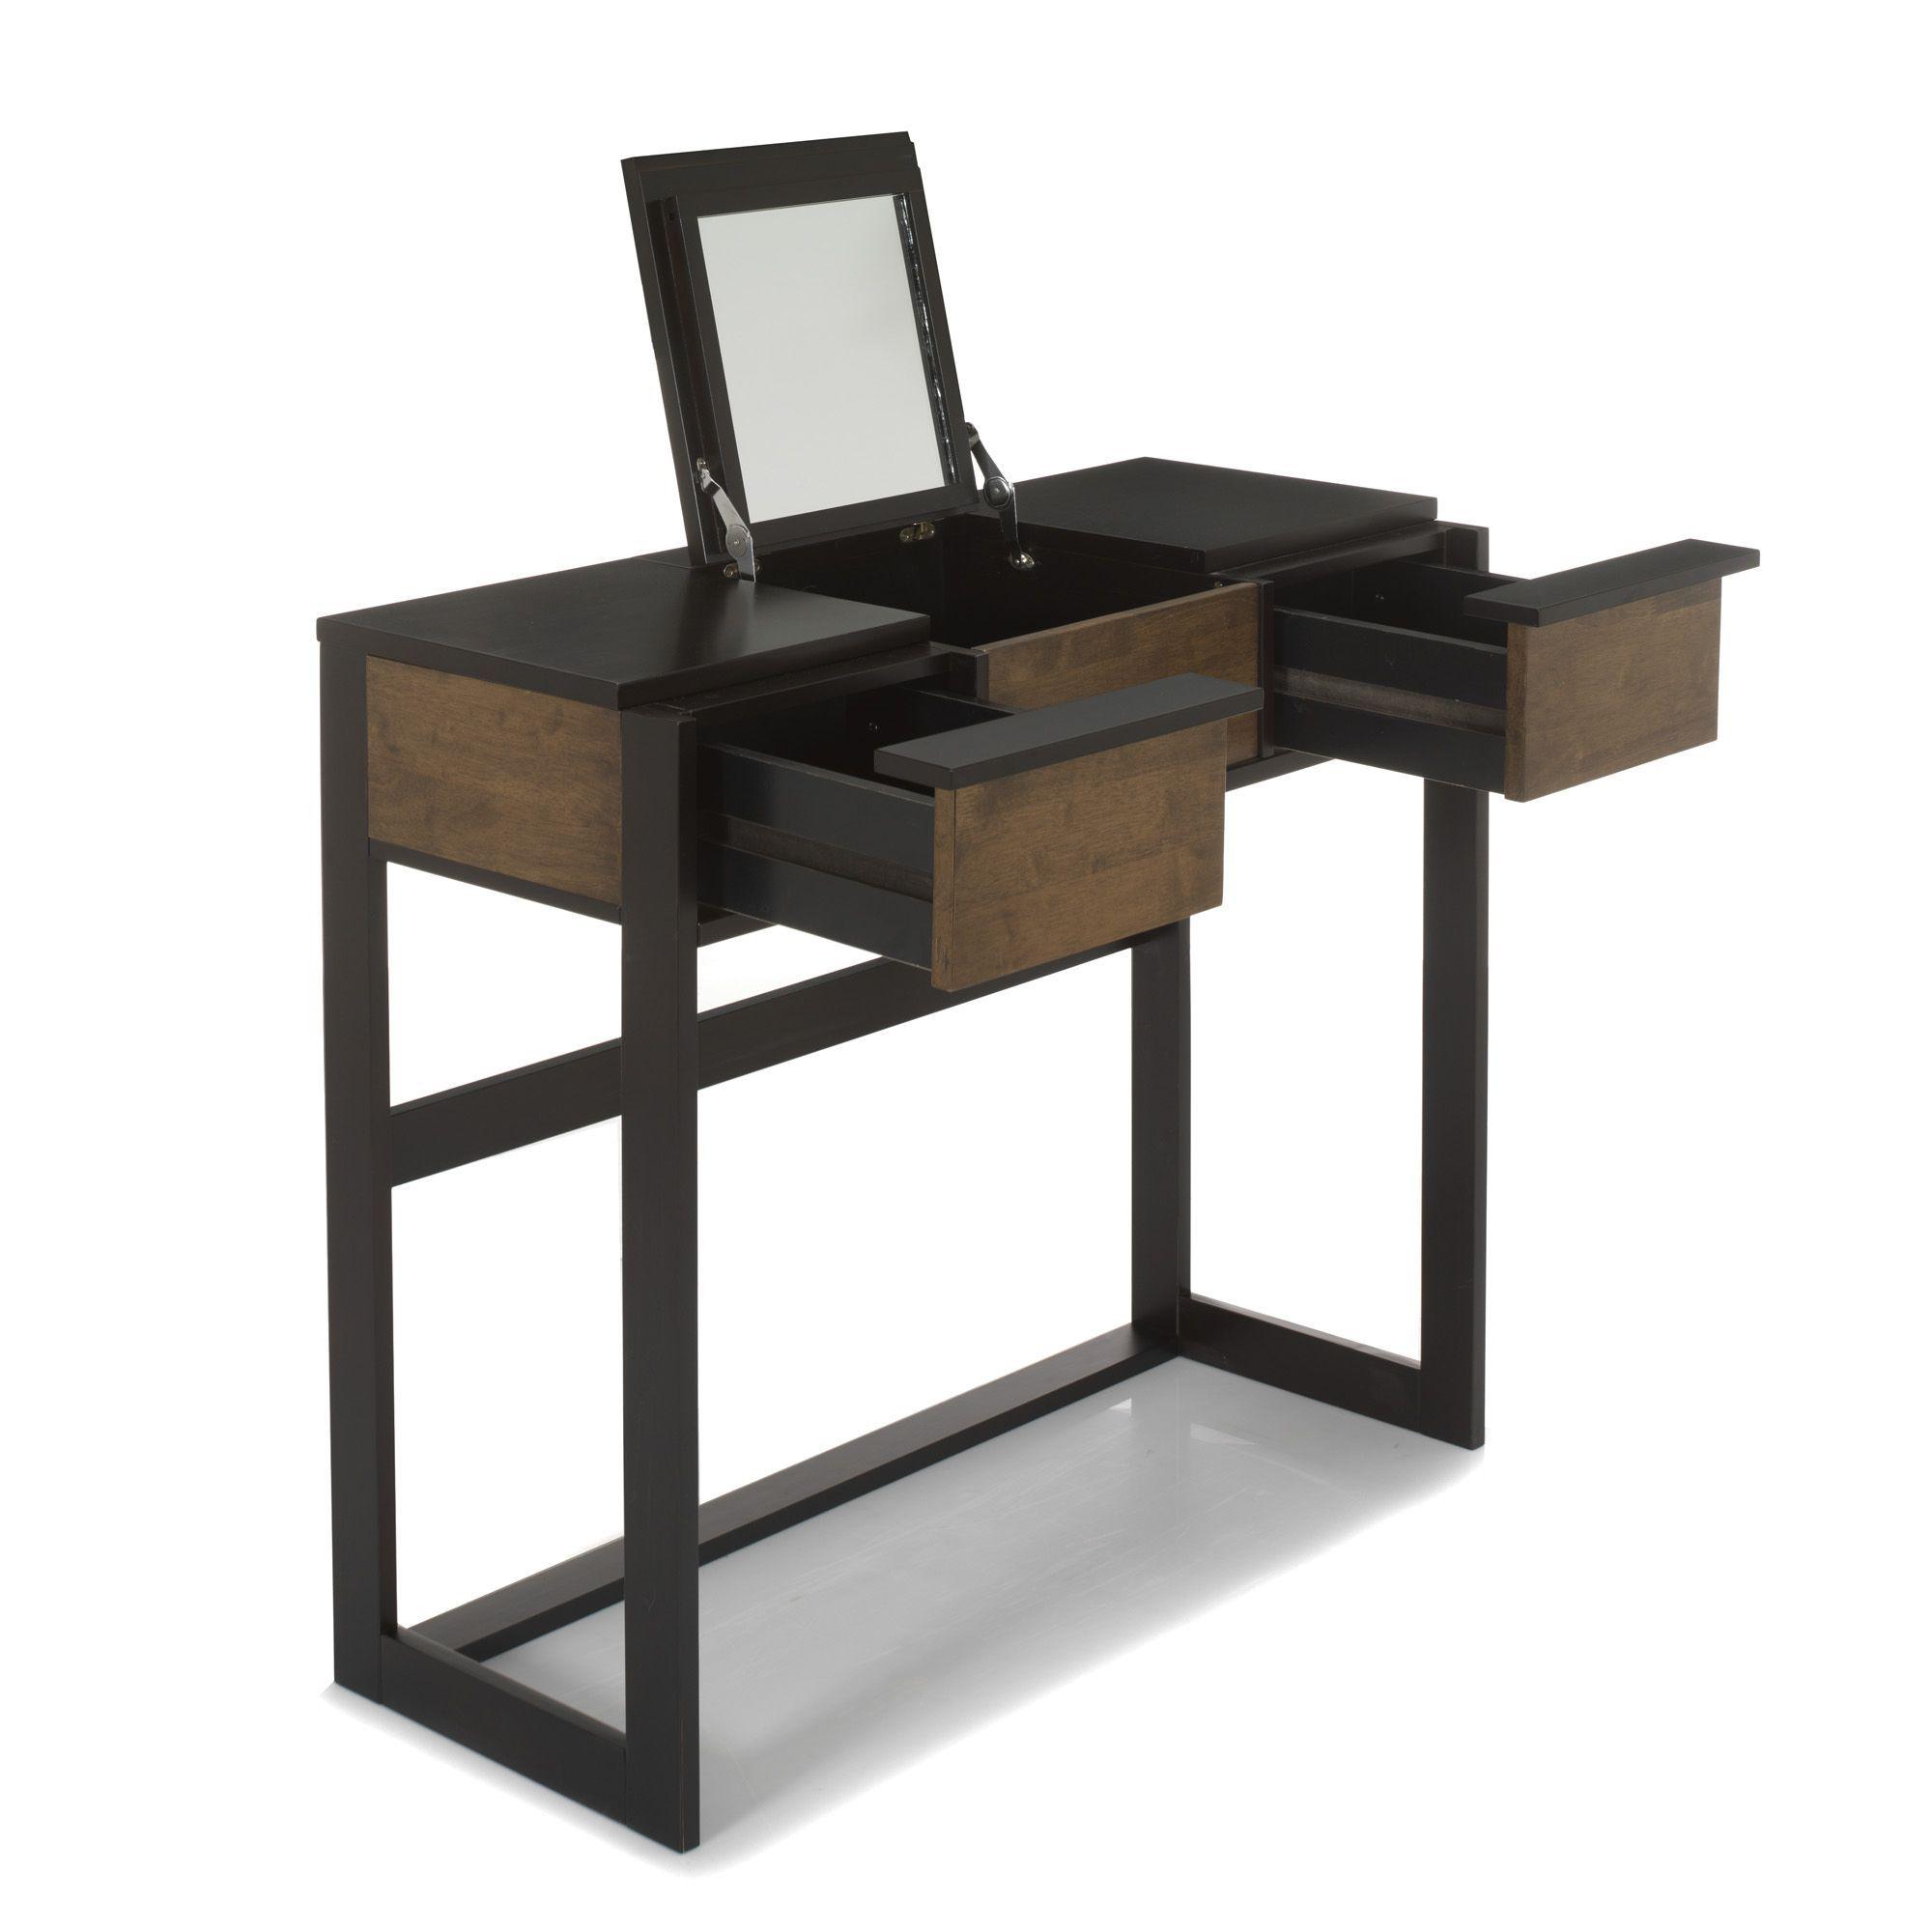 coiffeuse avec miroir spirit commodes chiffonniers et coiffeuses alinea produit. Black Bedroom Furniture Sets. Home Design Ideas